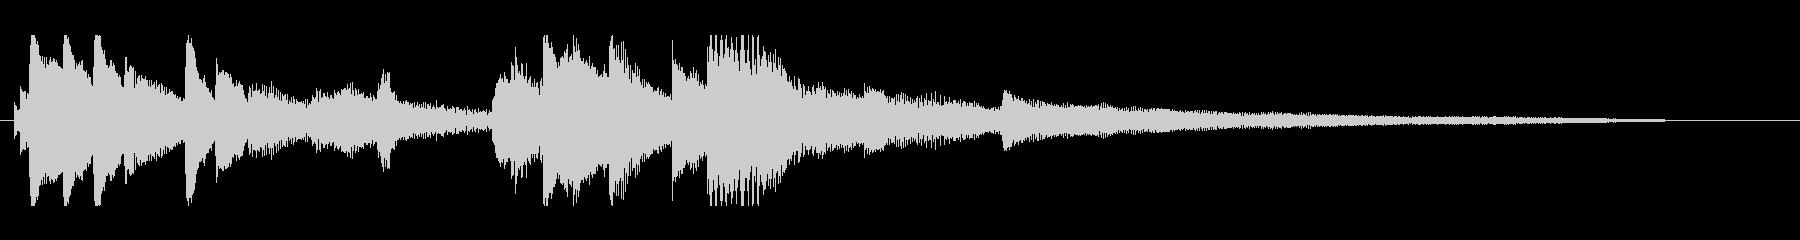 CM・企業VP 爽やかなピアノのジングルの未再生の波形